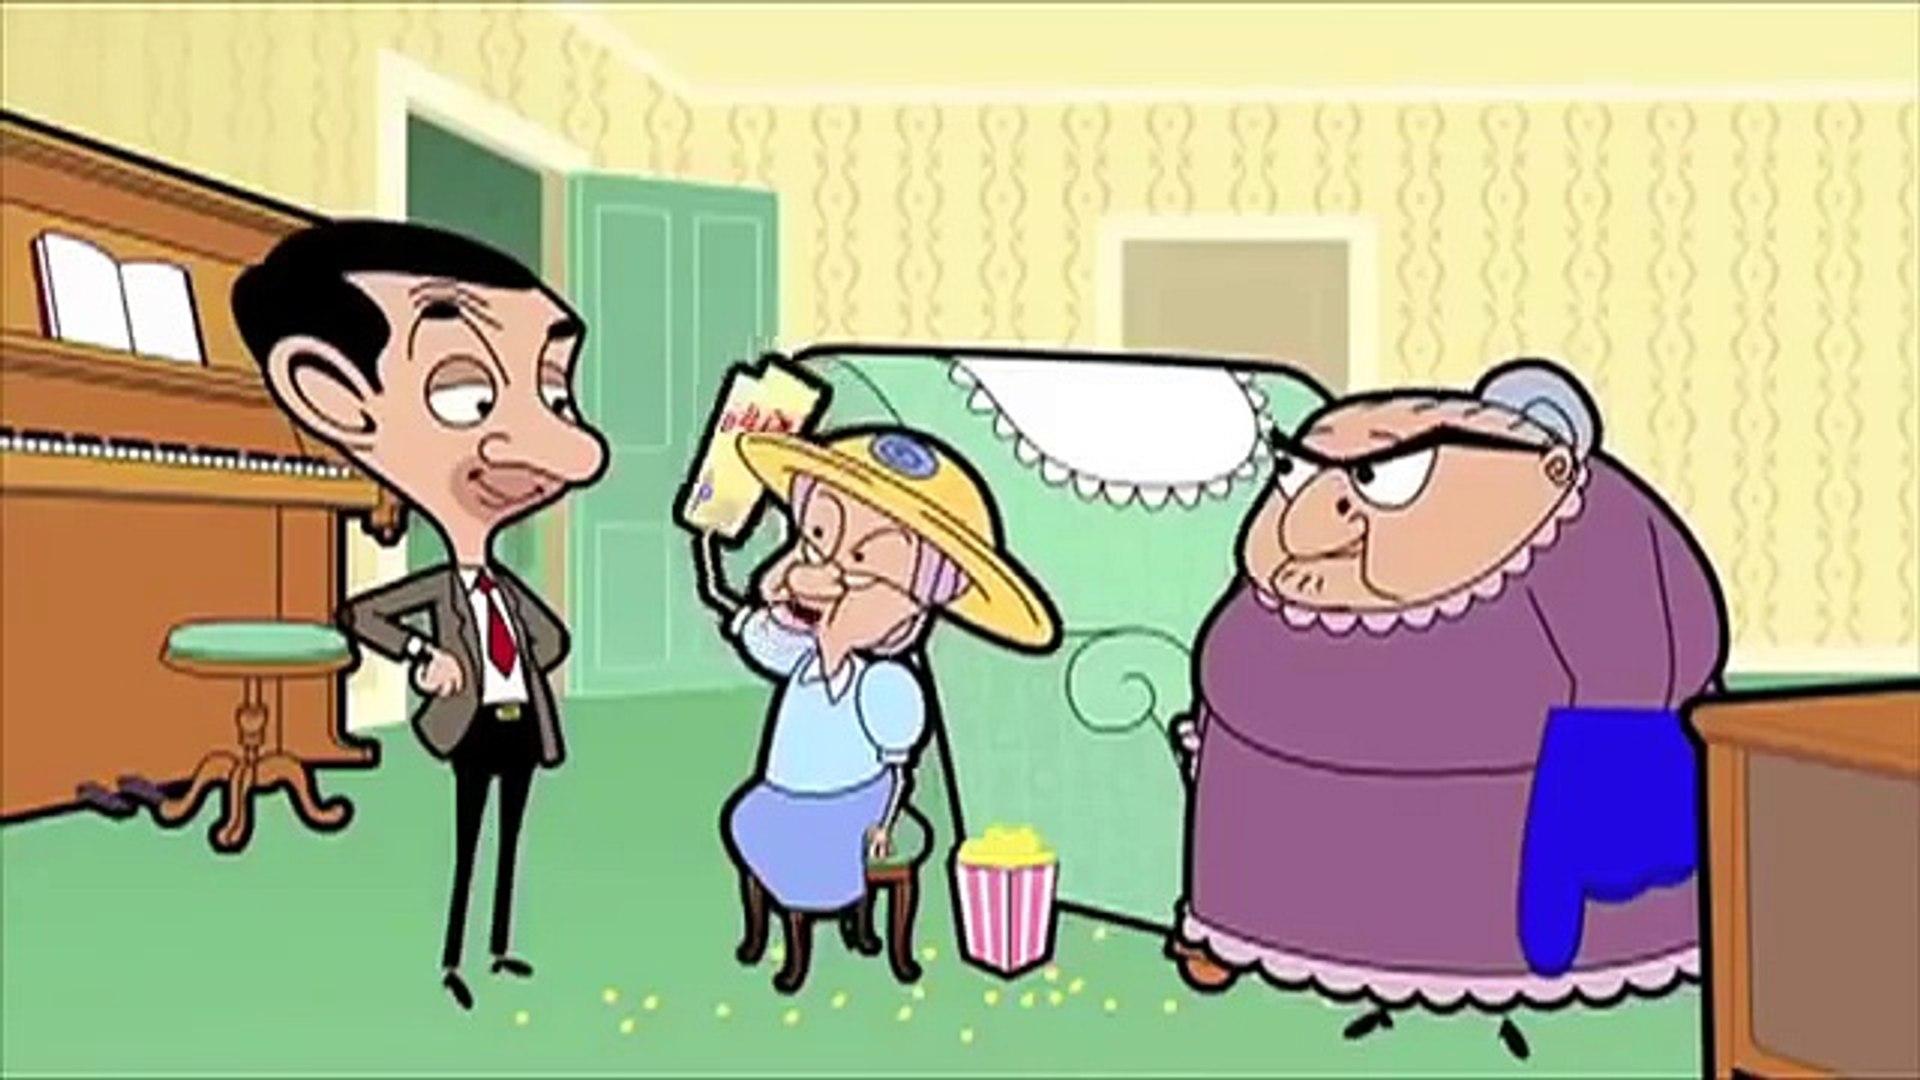 كرتون مستر بن الرجل القوي Mr Bean Cartoon Video Dailymotion